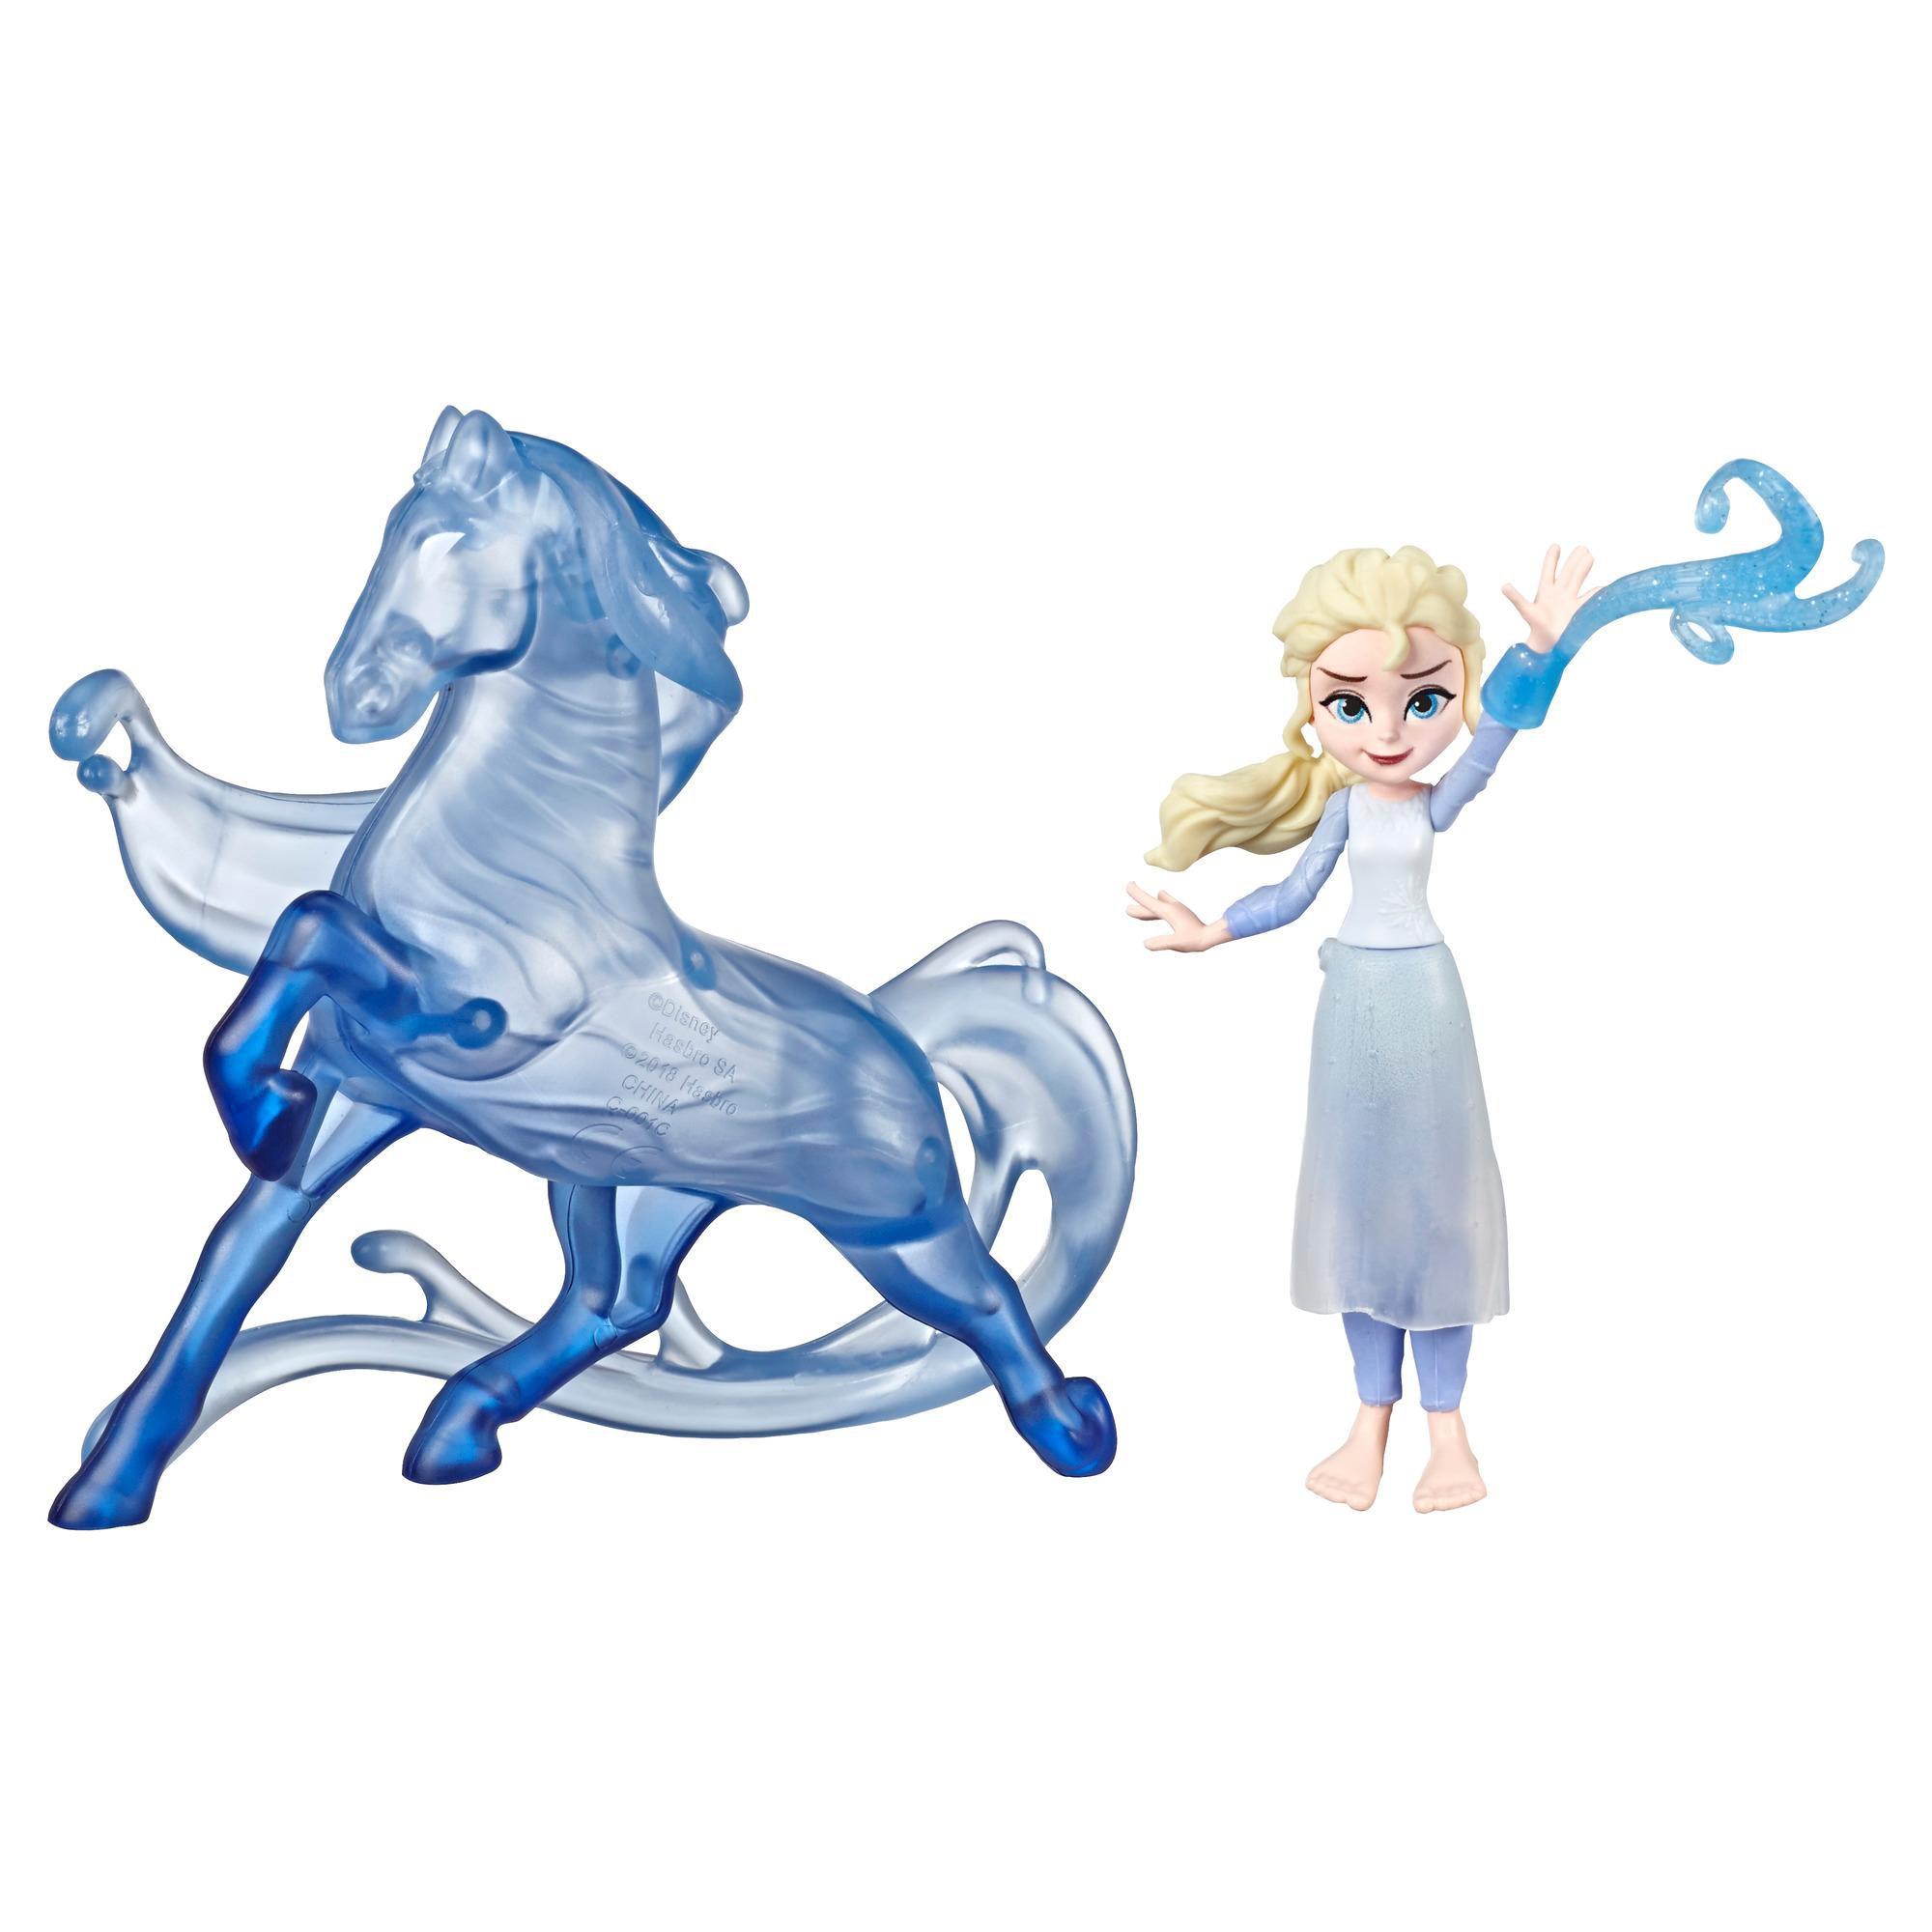 Frozen 2 - Pack Mini Boneca Elsa e Nokk E6857 - Hasbro E5504